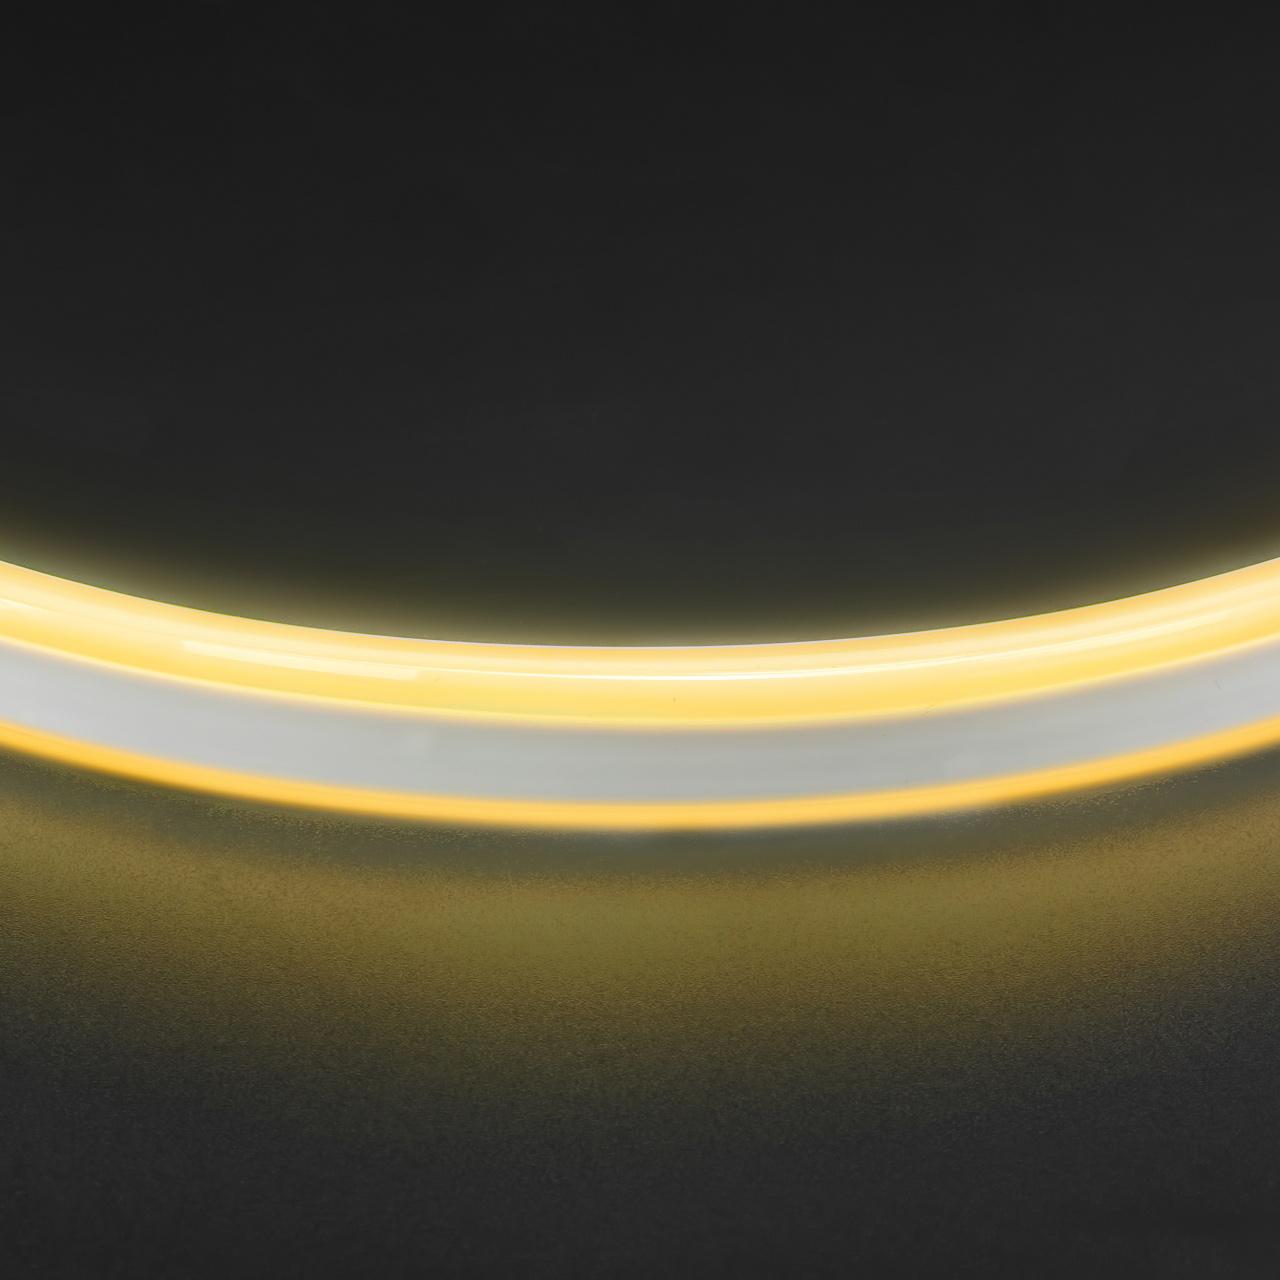 Лента гибкая неоновая NEOLED 220V 120 LED теплый белый цвет IP65 Lightstar 430102